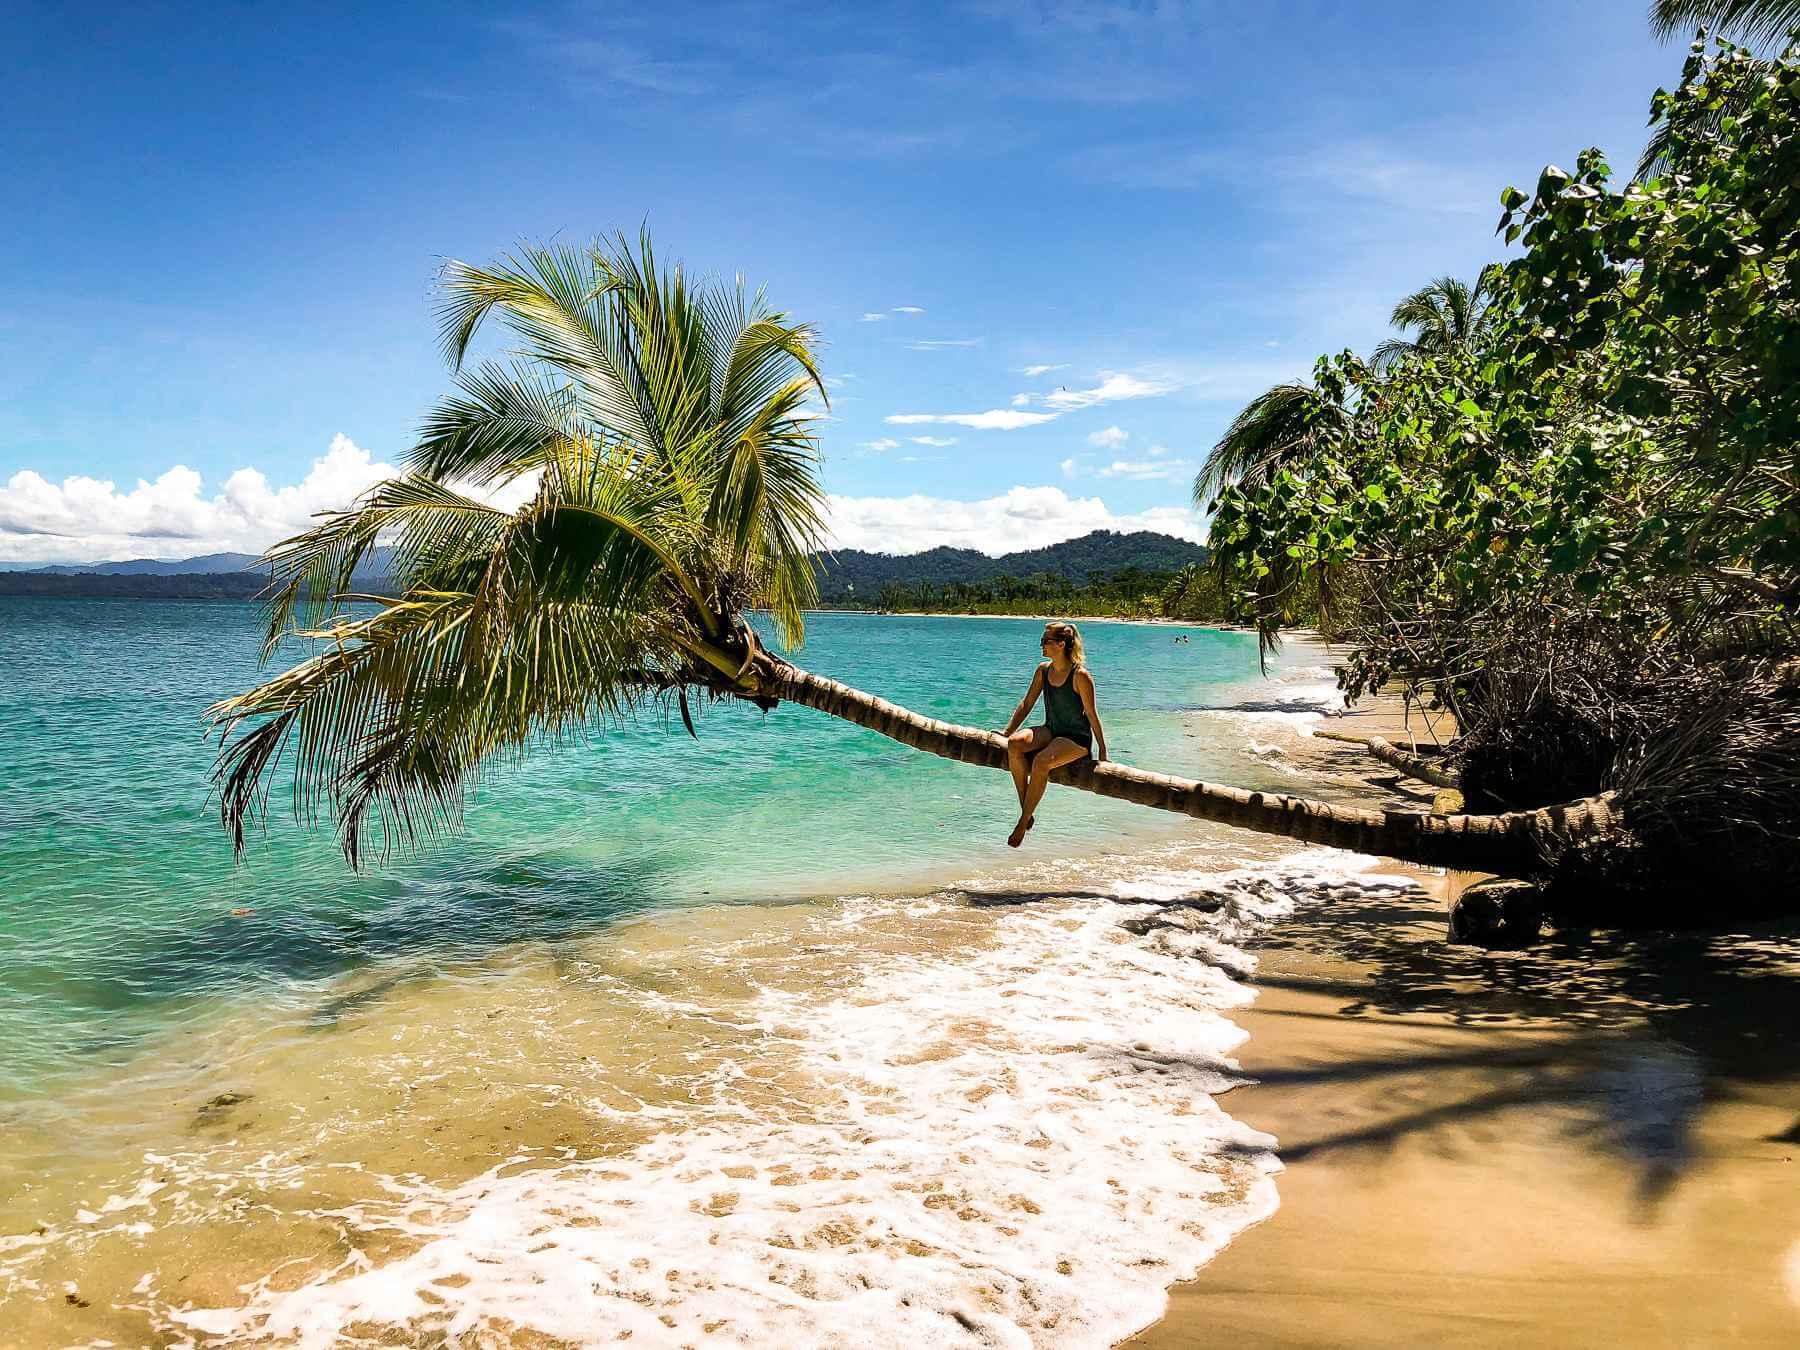 Costa Rica Cahuita National Park